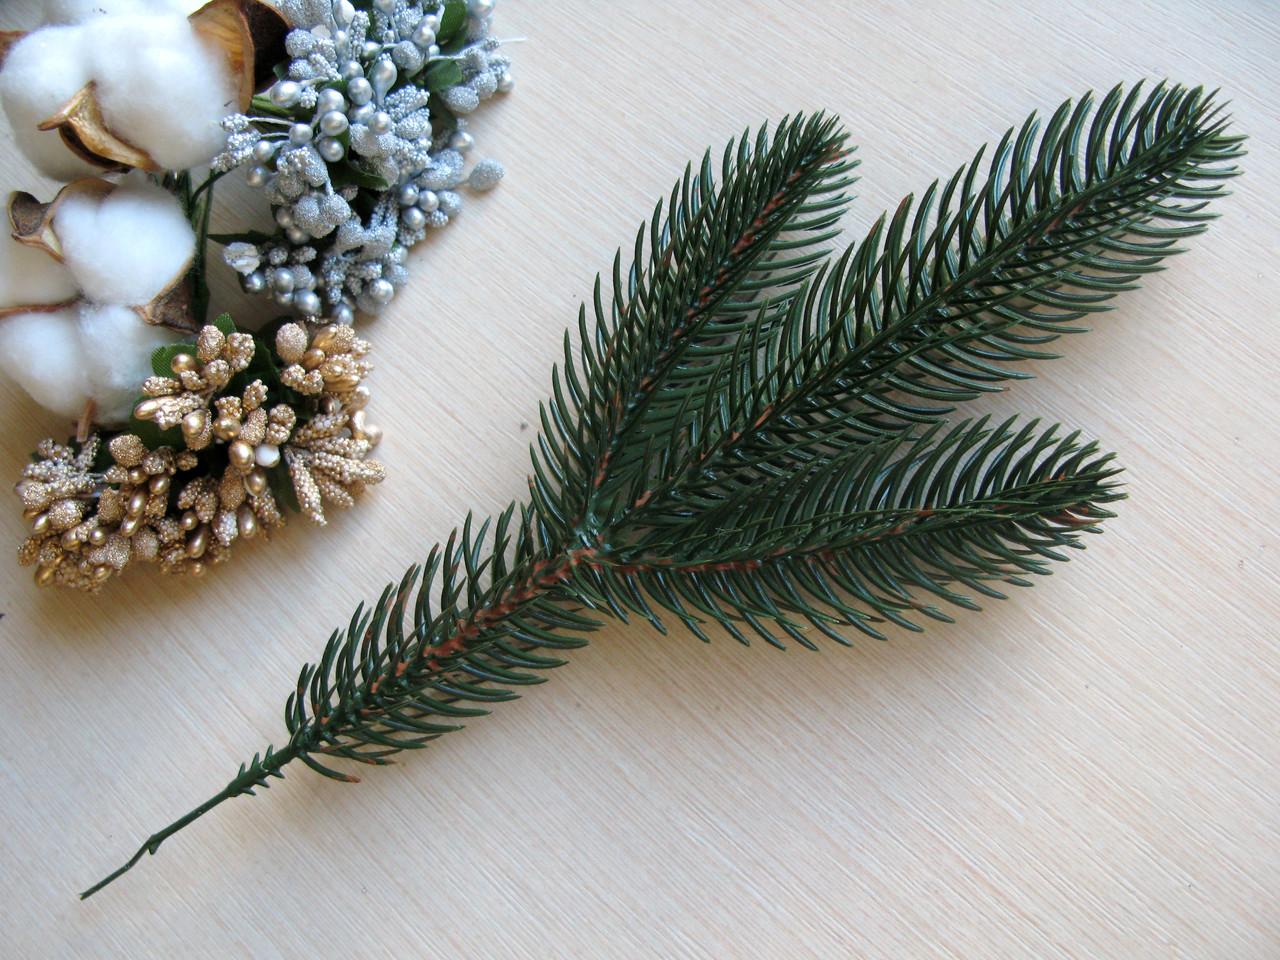 Ветвь еловая зеленая (литая) 55 грн - 10 шт, 475 грн - 100 шт.